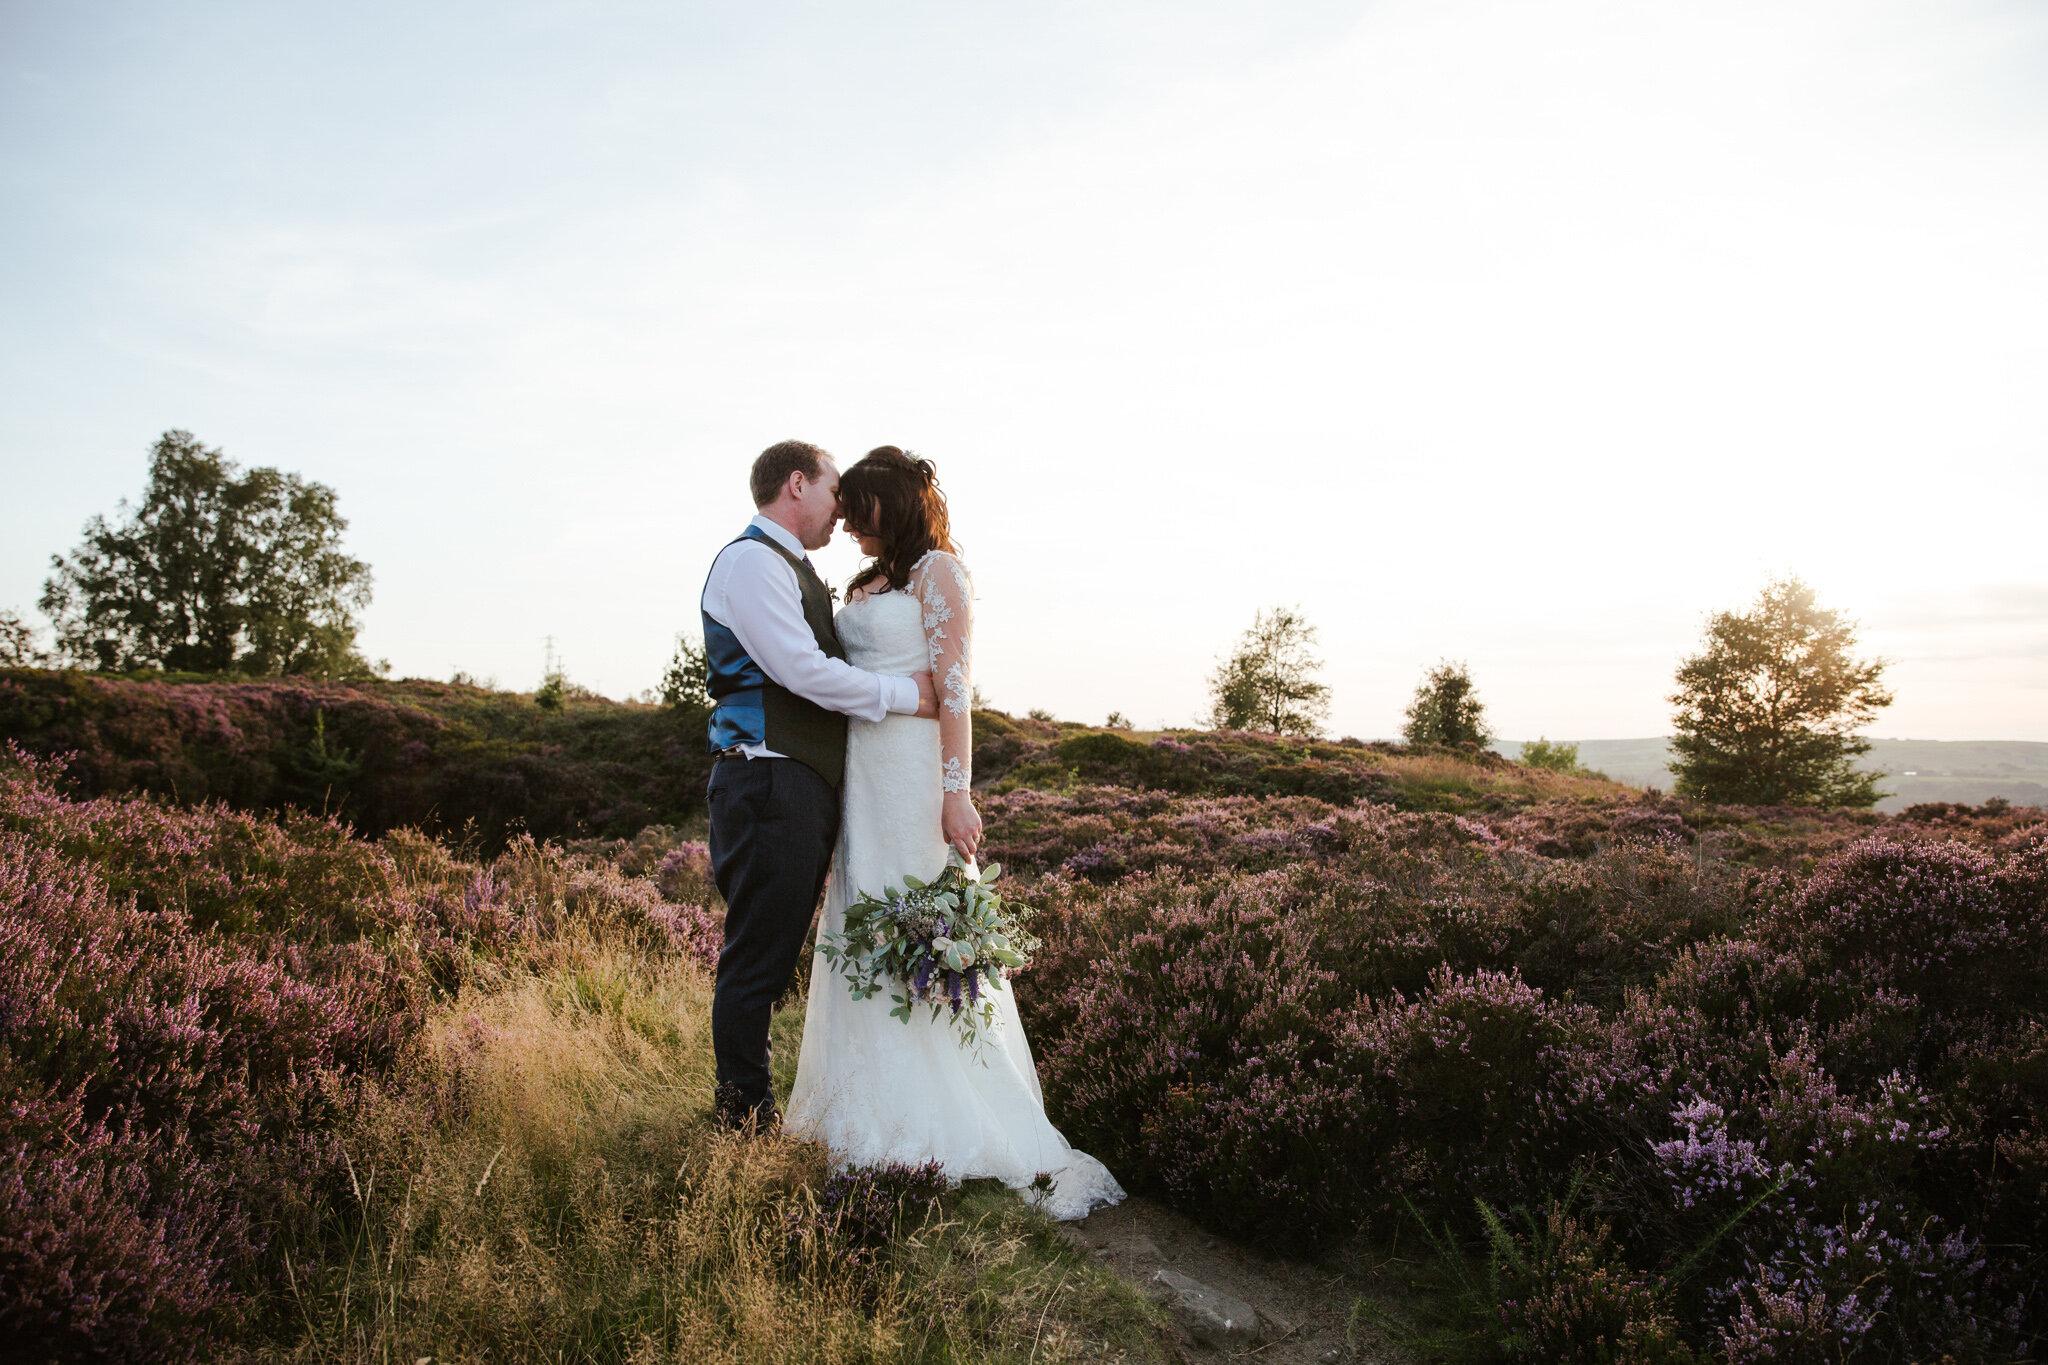 Leeds-Yorkshire-Wedding_Joanne-Crawford-98.JPG